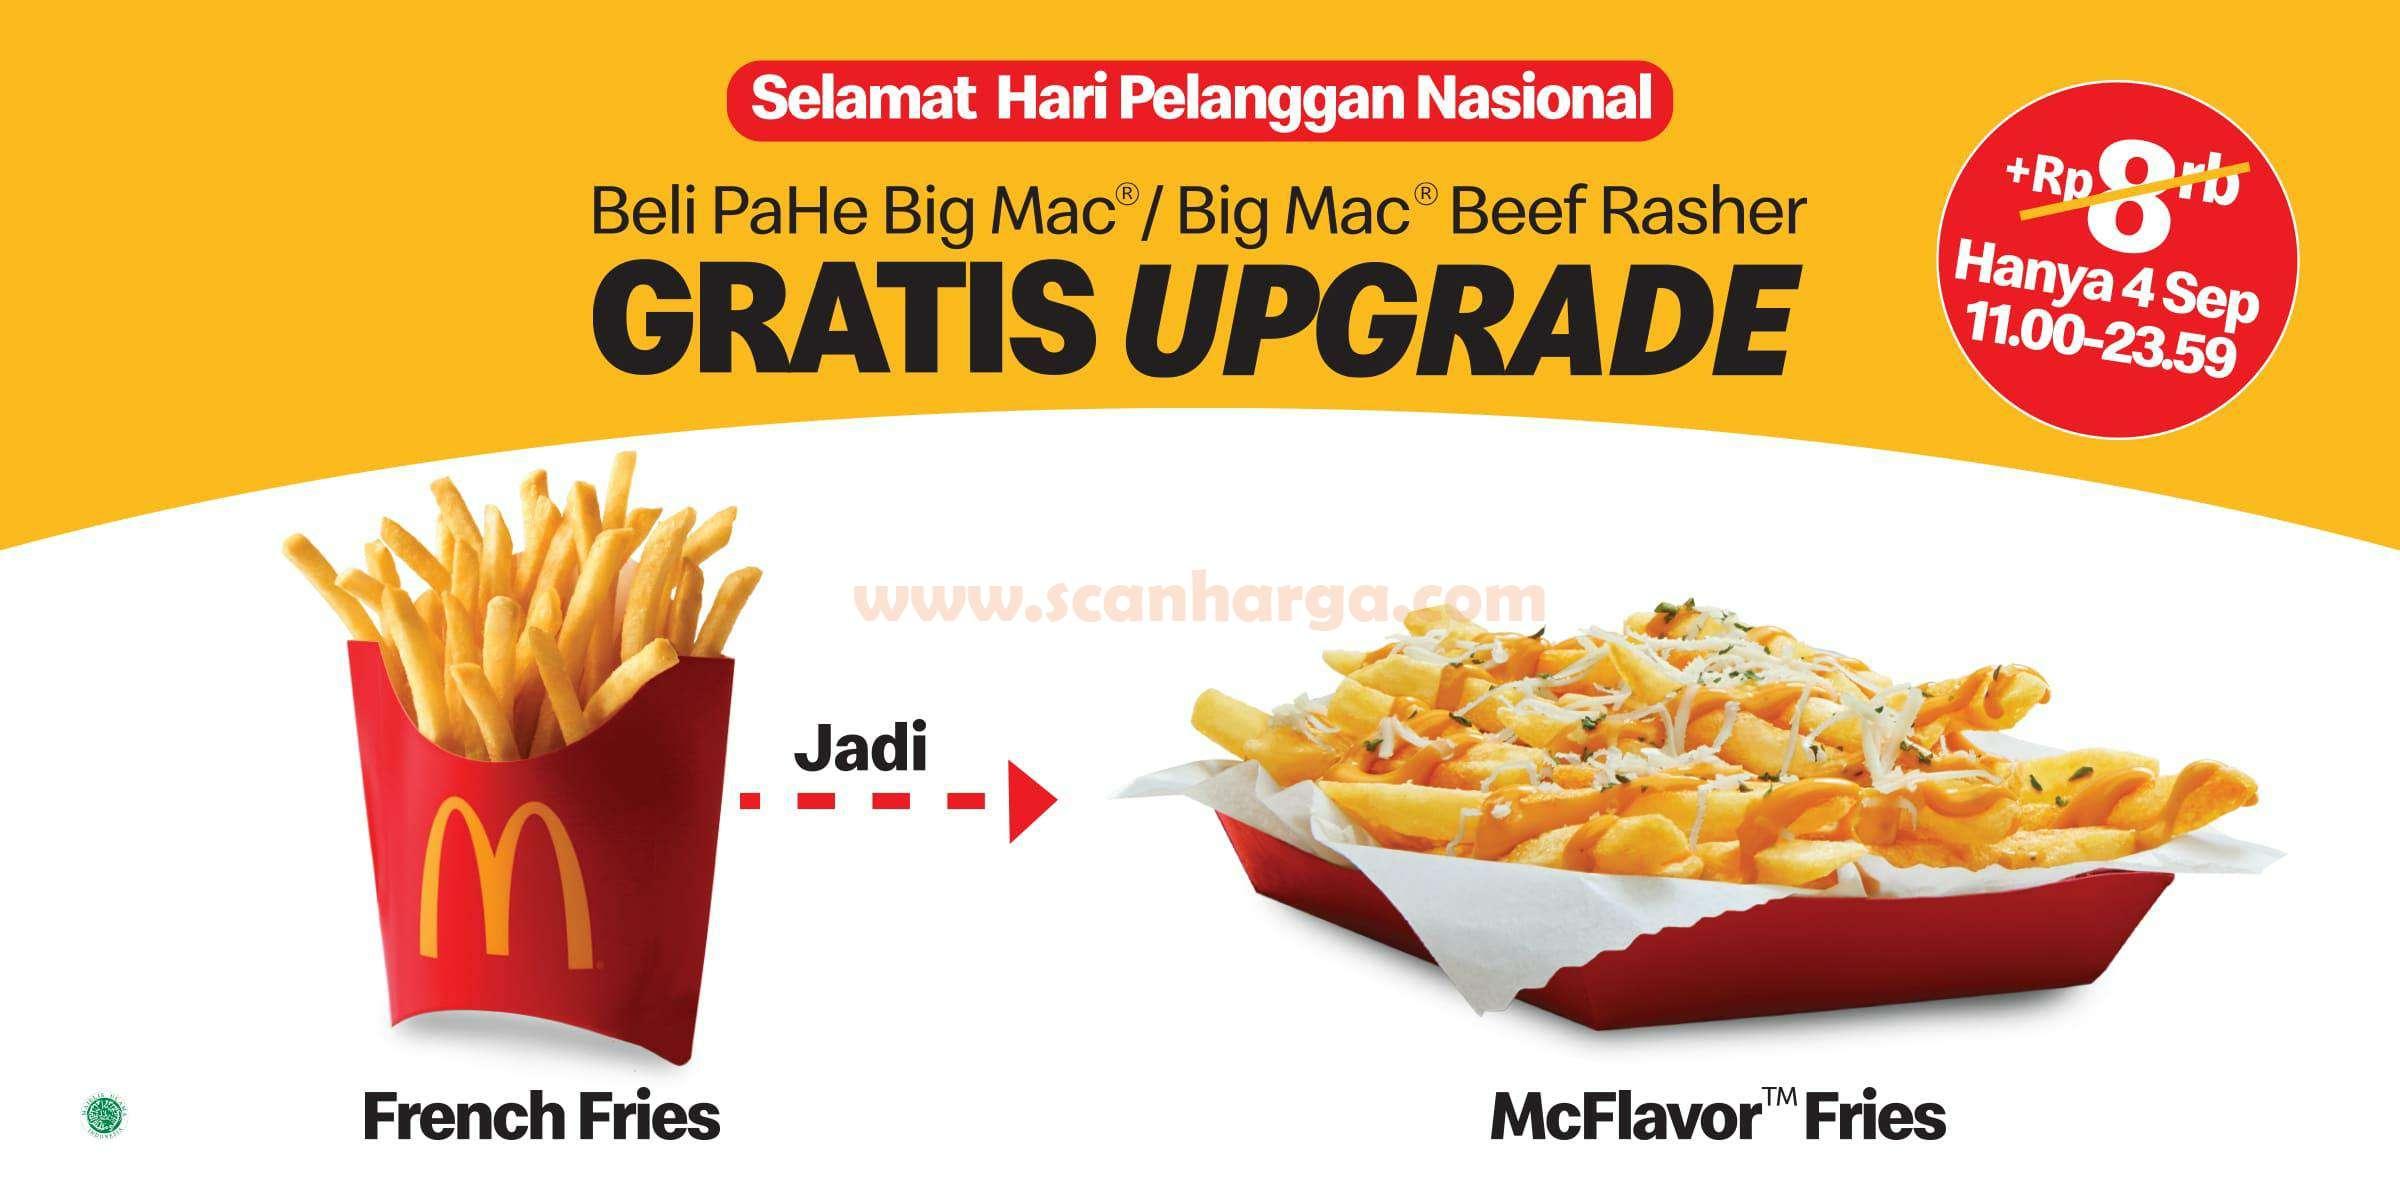 McDonalds Promo Hari Pelanggan Nasional